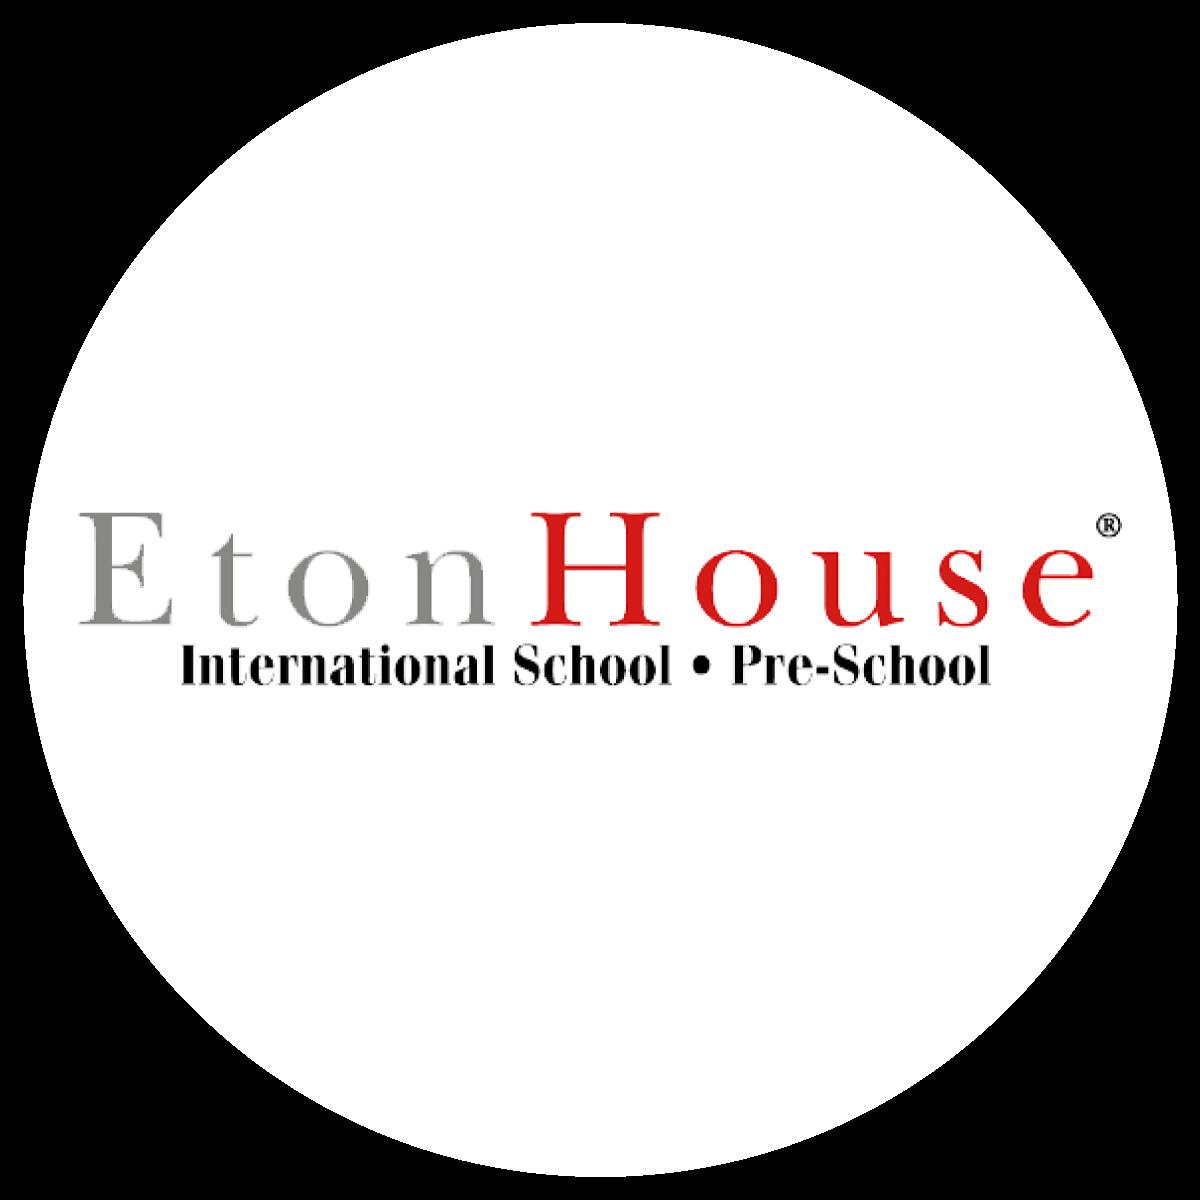 Etonhouse